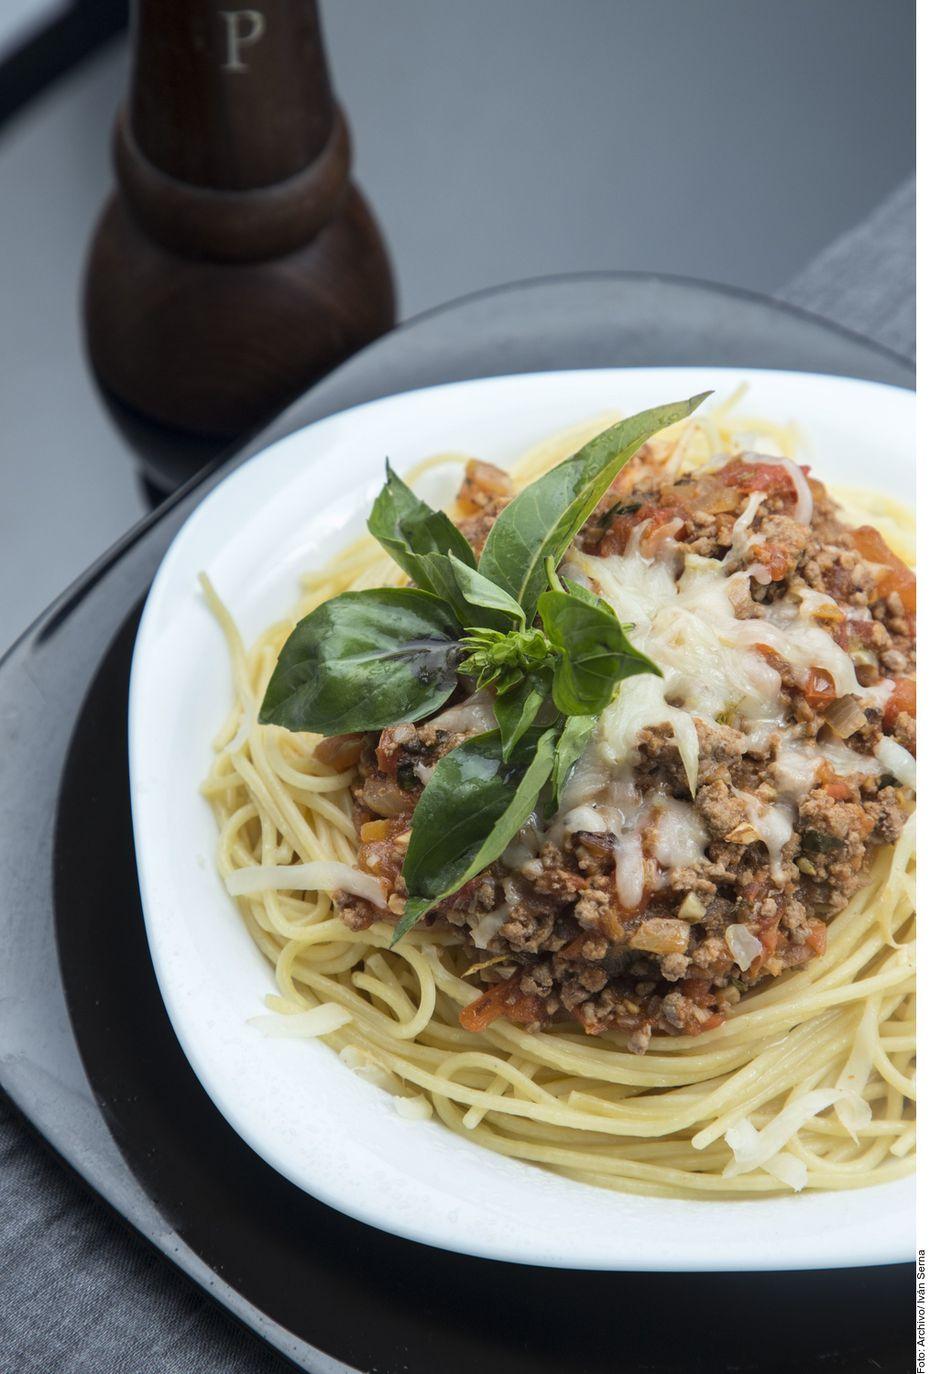 El espagueti a la boloñesa se logra al calentar el aceite a fuego medio y freír el ajo. Añadir la cebolla y acitronar. Subir el fuego e incorporar la carne, cocinar durante 10 minutos. Agregar el jitomate, el puré y las hierbas de olor.